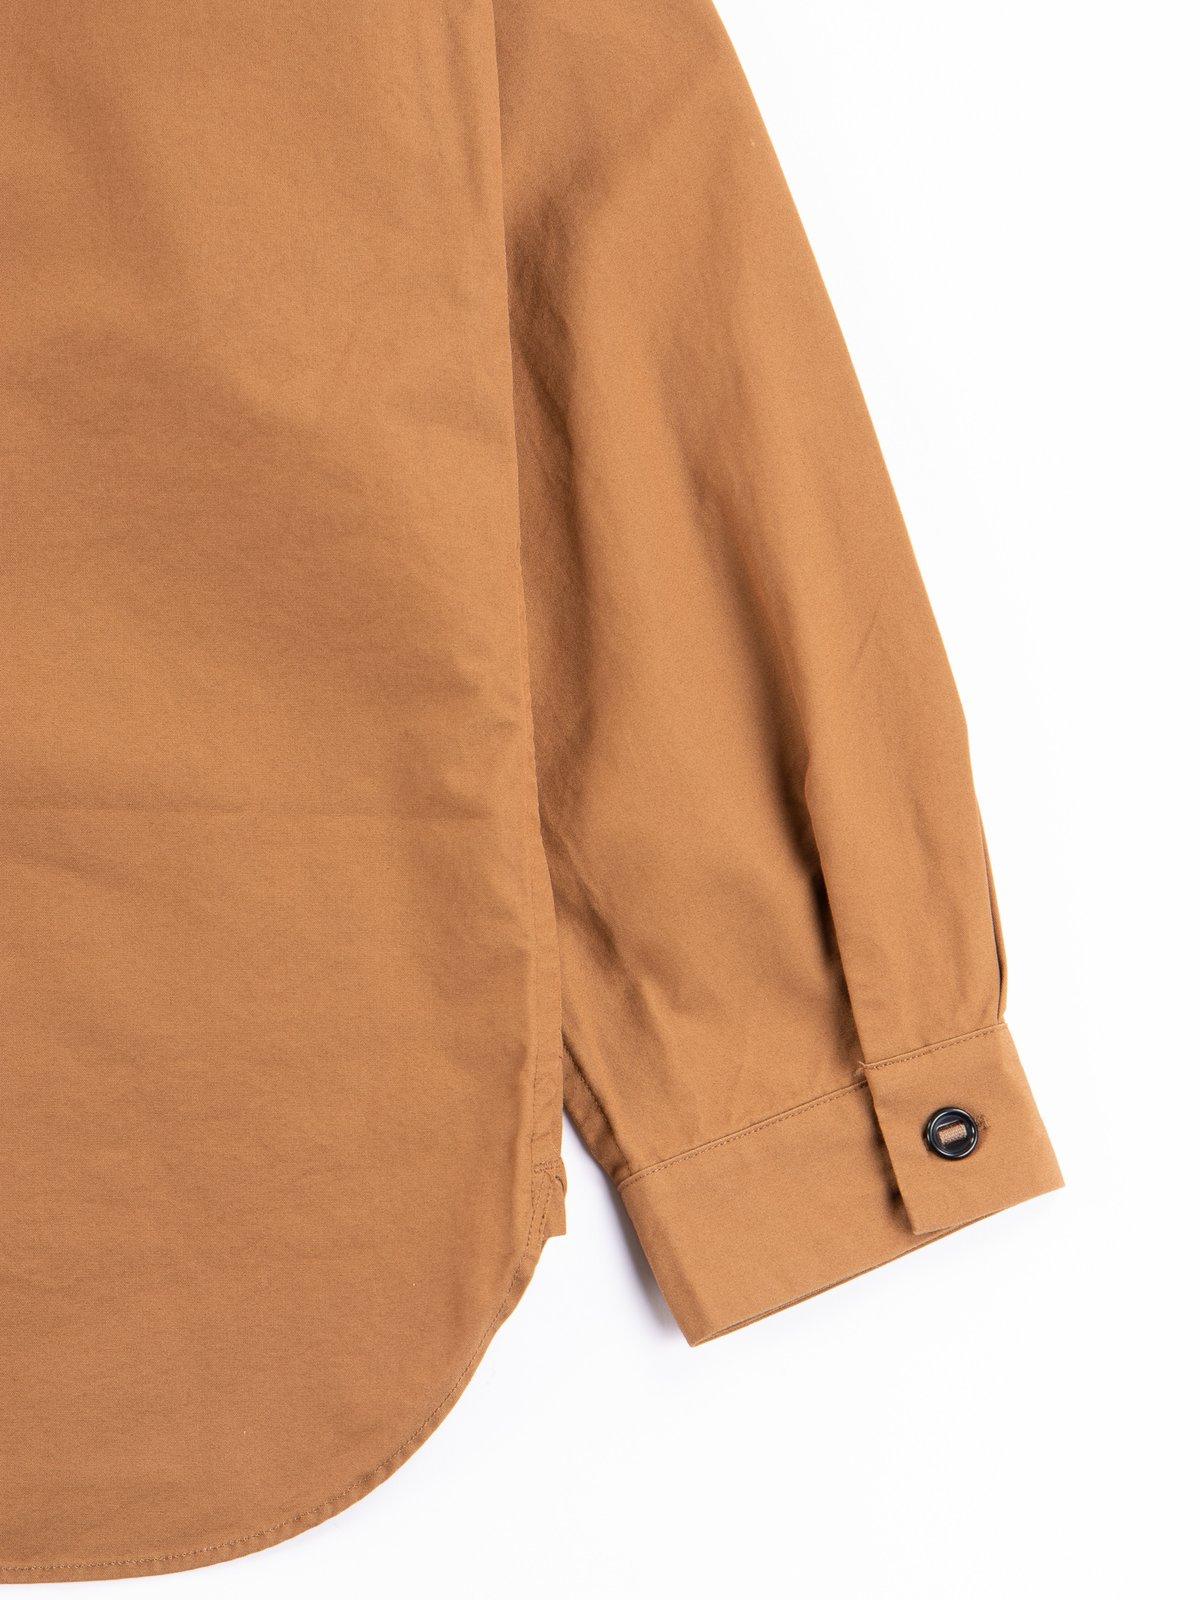 Tan Gardener Oxford Shirt Jacket - Image 6